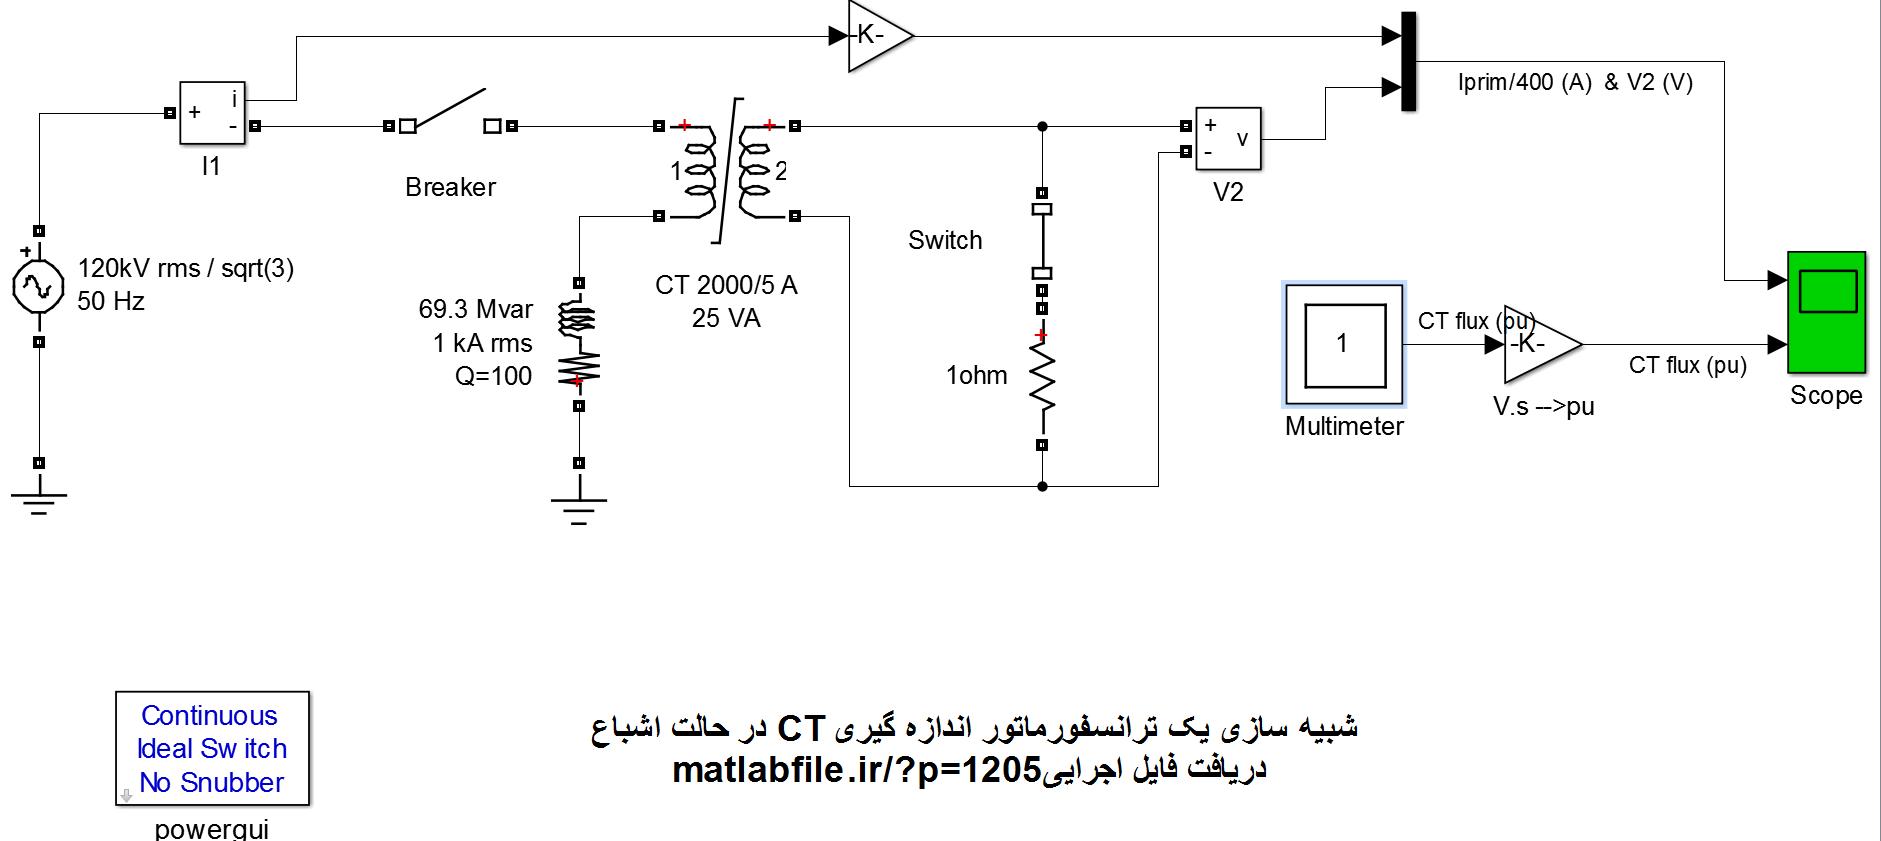 شبیه سازی یک ترانسفورماتور اندازه گیری CT در حالت اشباع